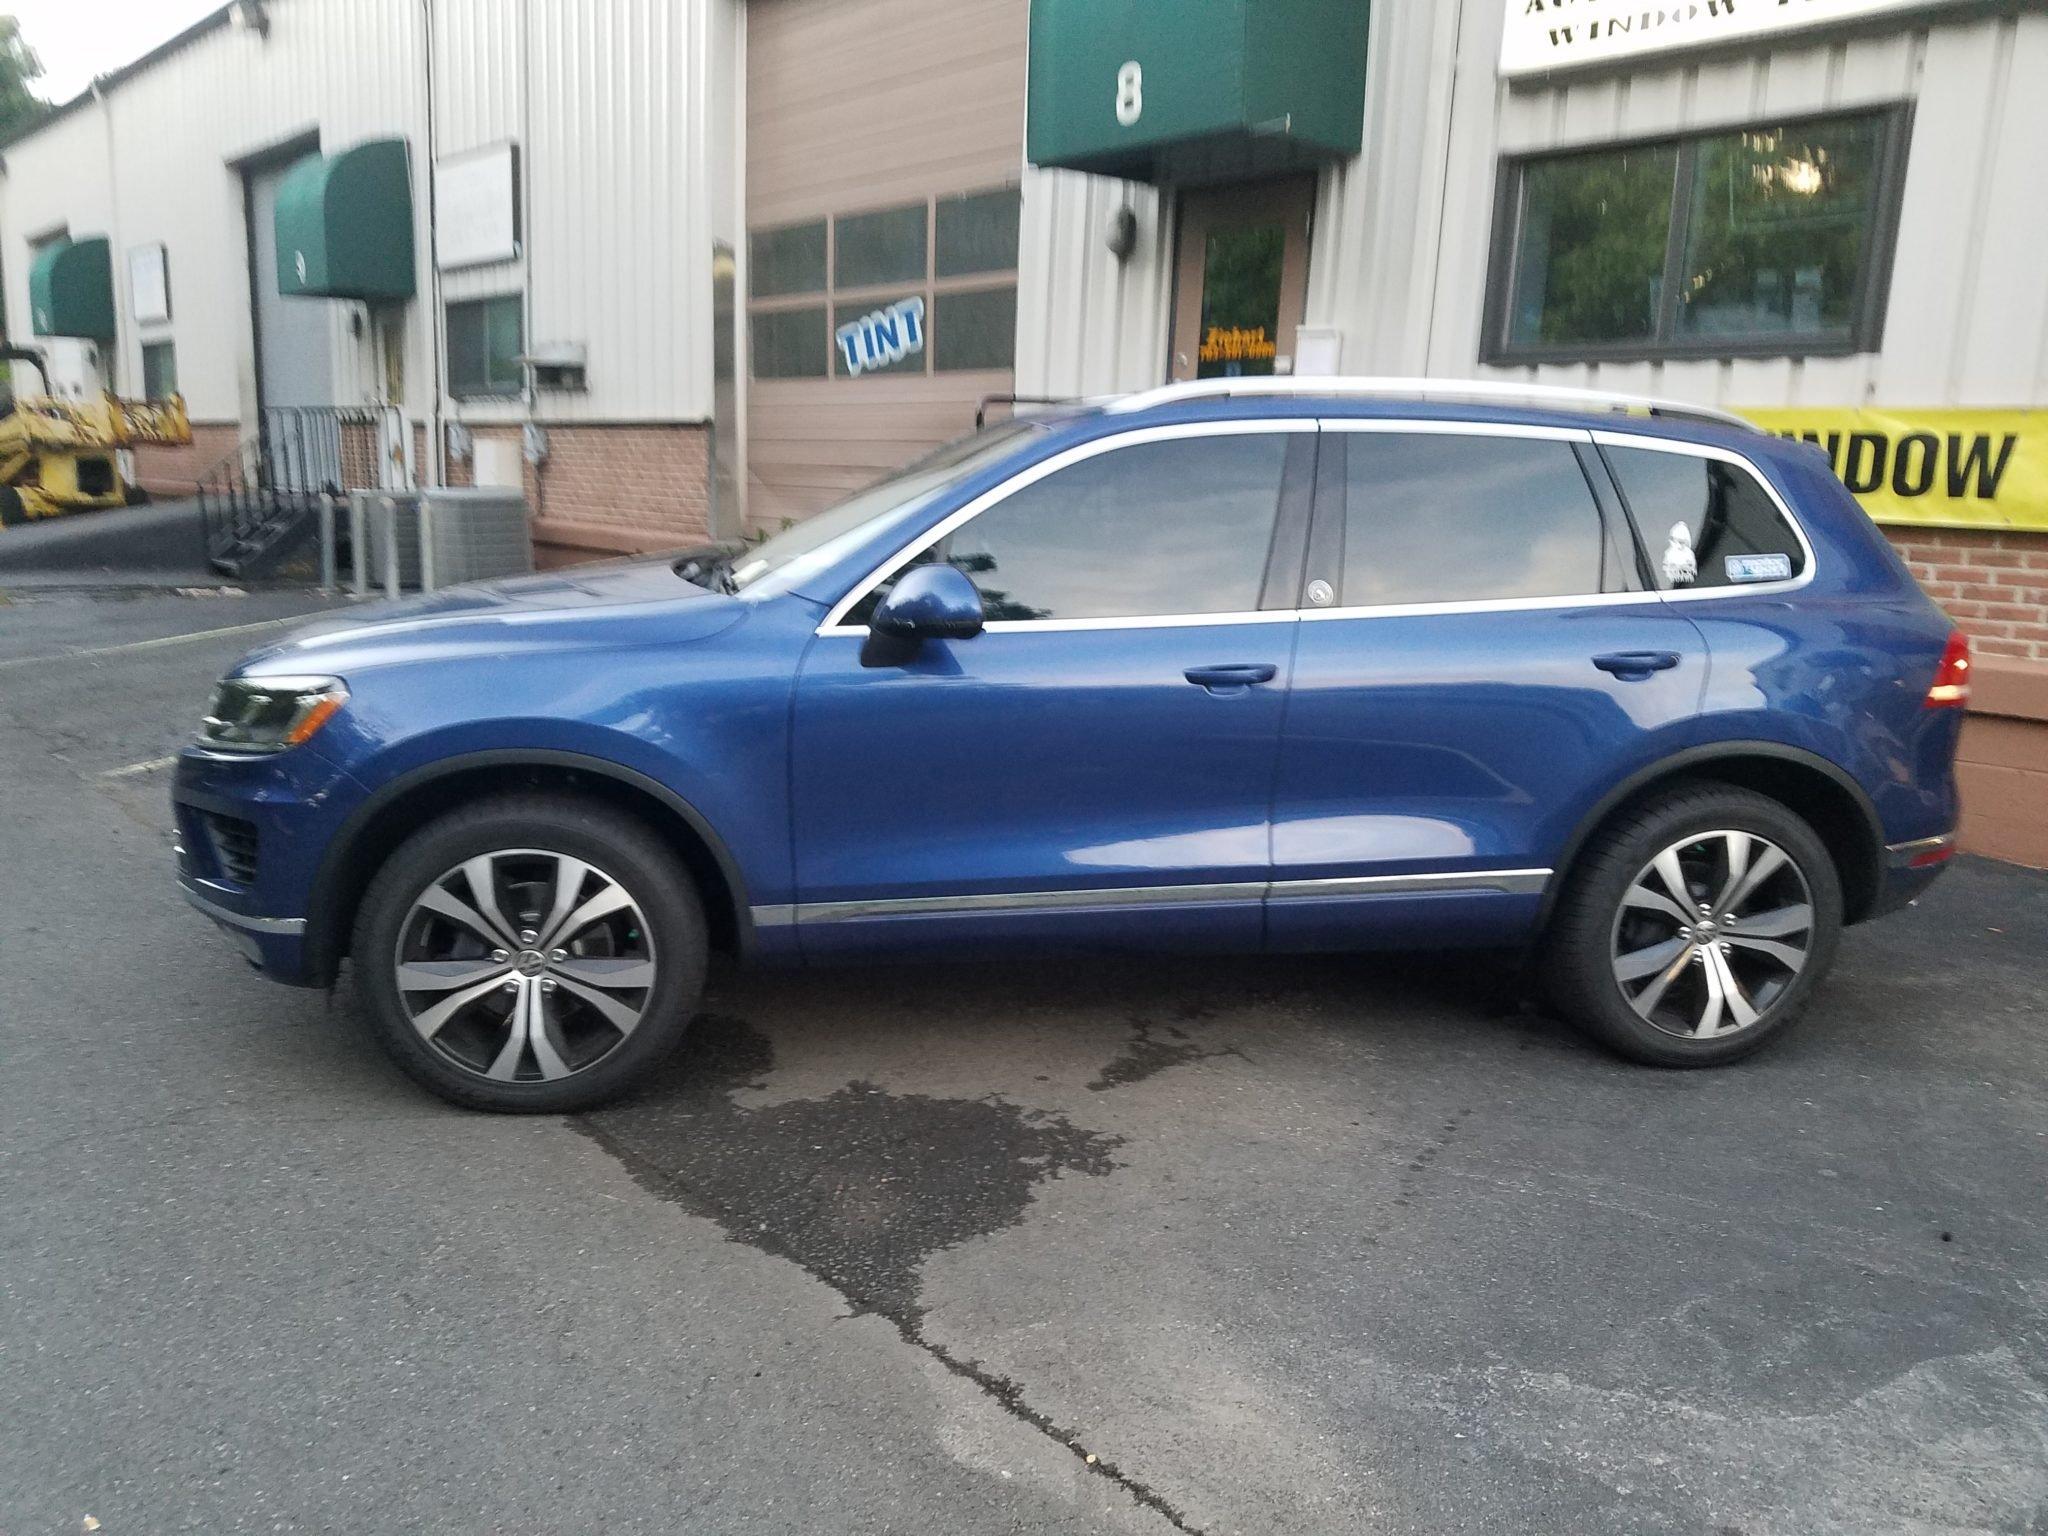 VW - Touareg Tinted